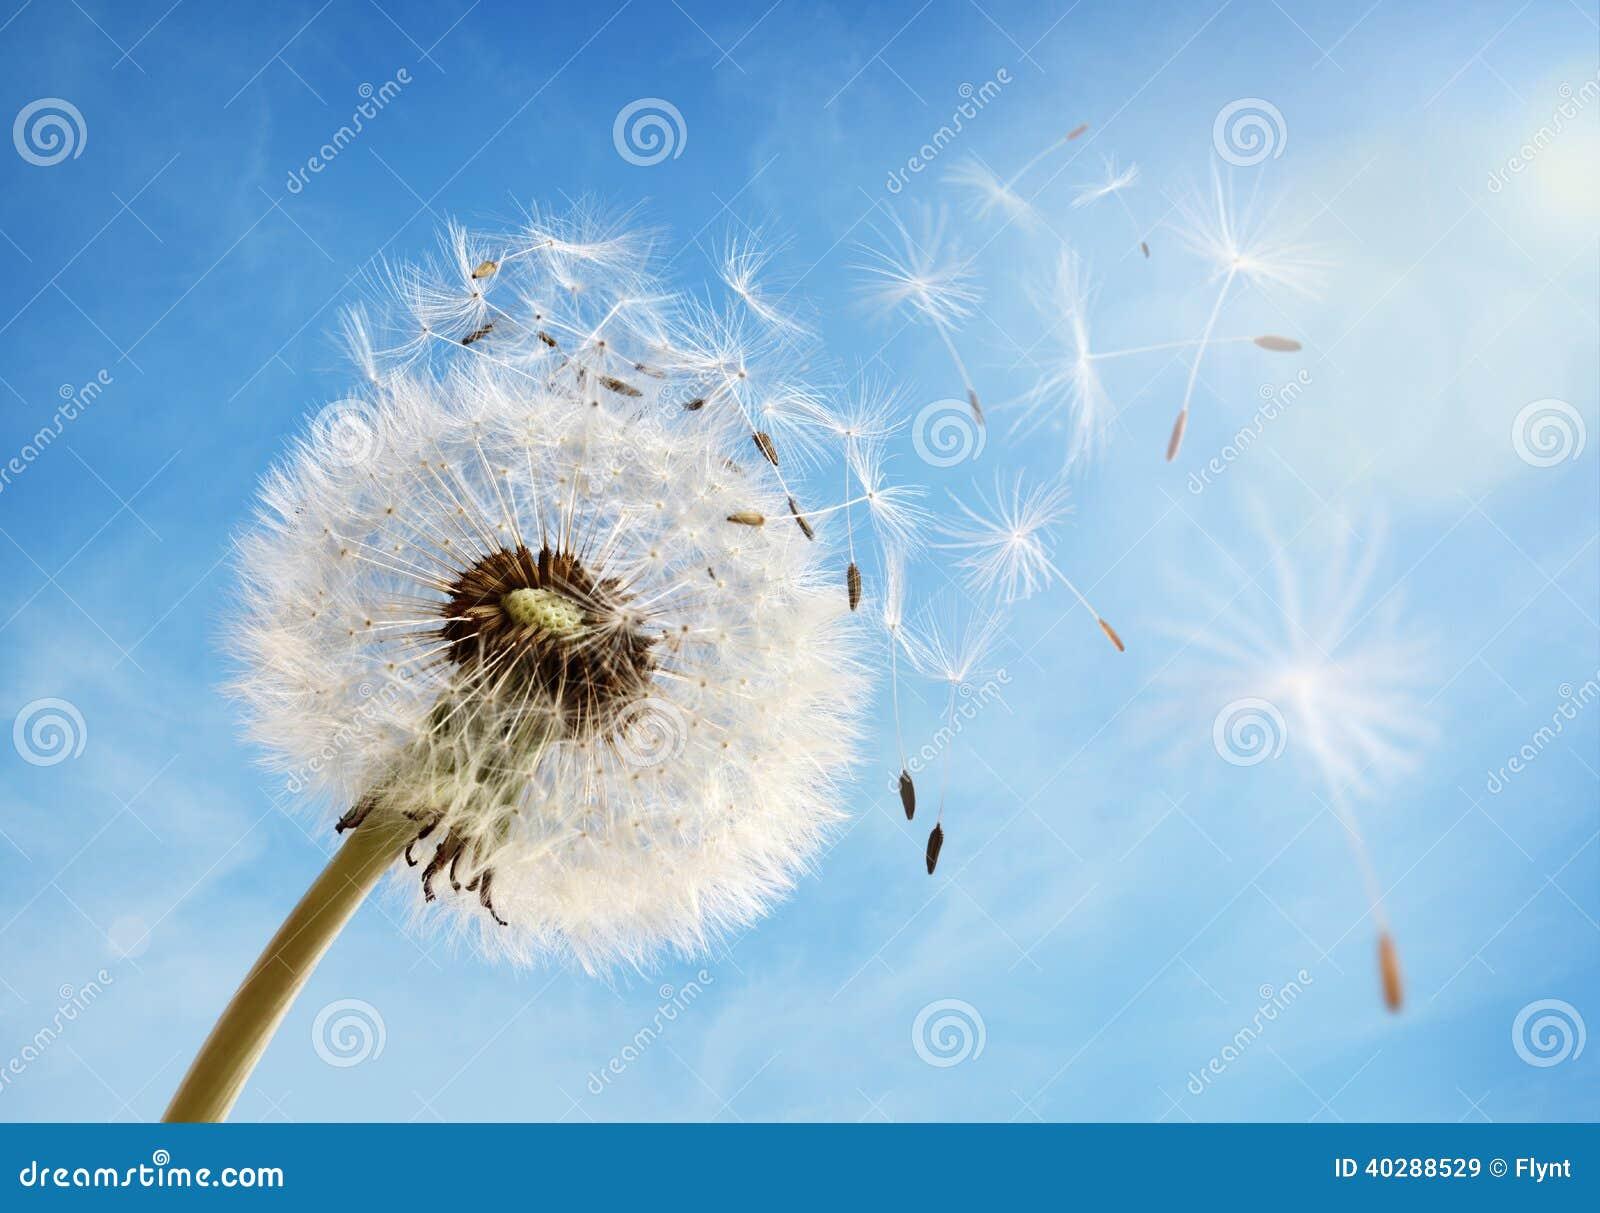 Download Dandelion Clock Dispersing Seed Stock Image - Image of color, flower: 40288529